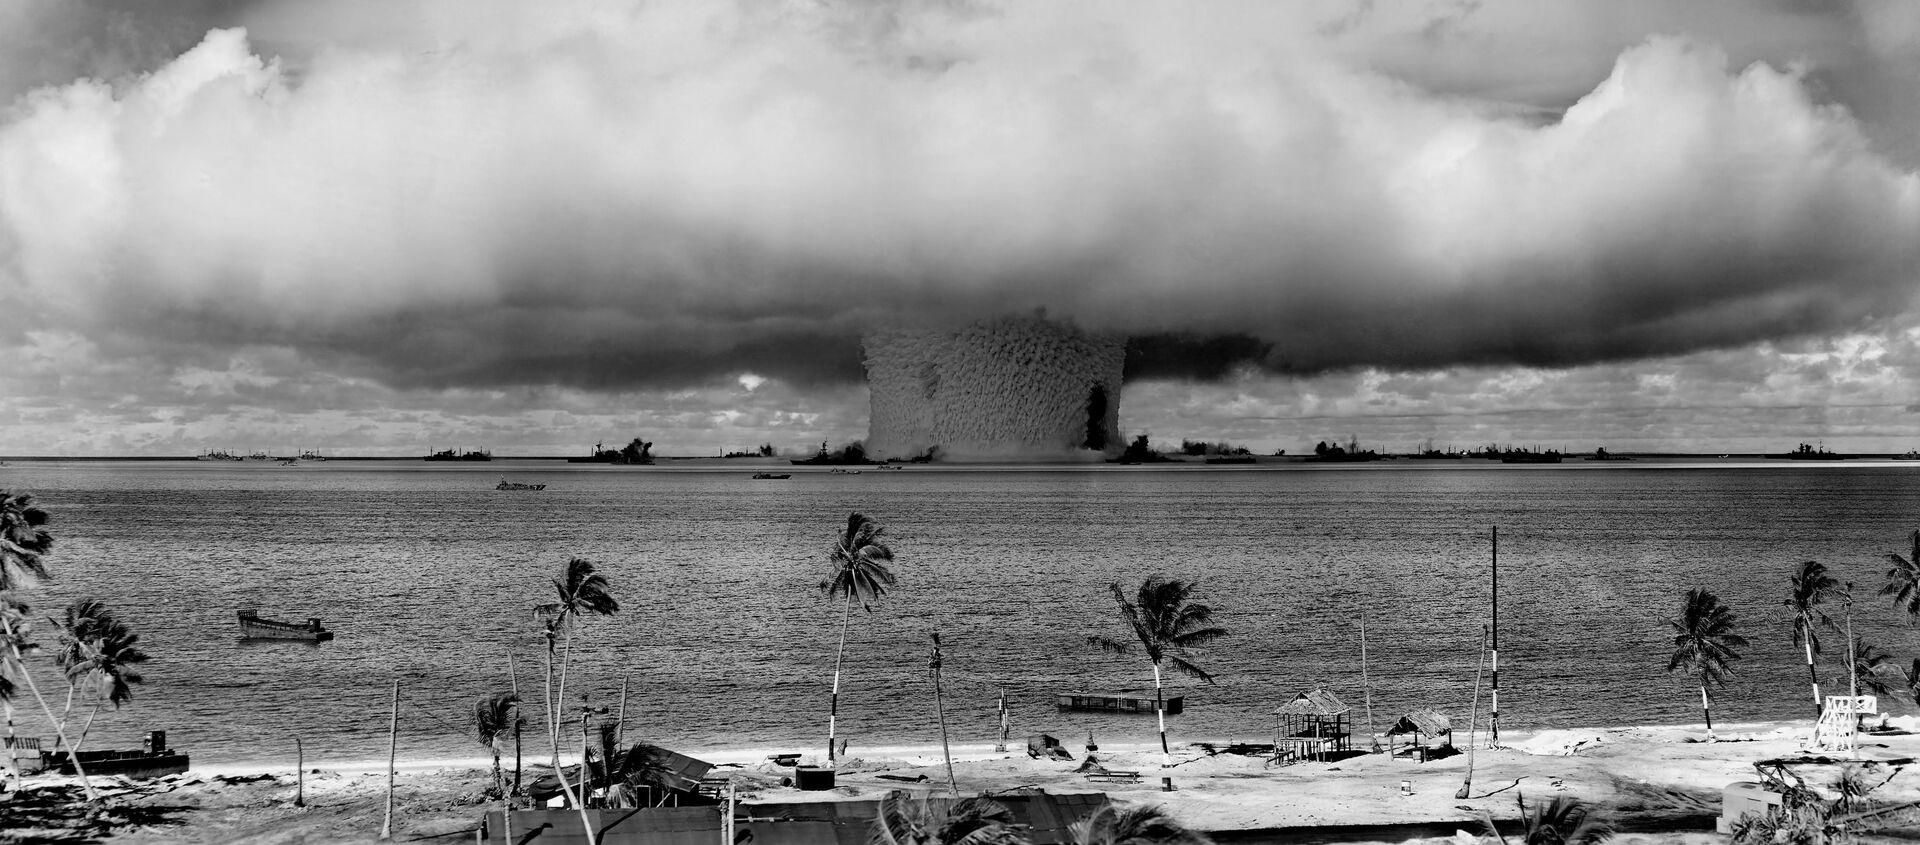 Una prueba nuclear realizada por EEUU en el atolón Bikini, en 1946 (imagen referencial) - Sputnik Mundo, 1920, 21.05.2020